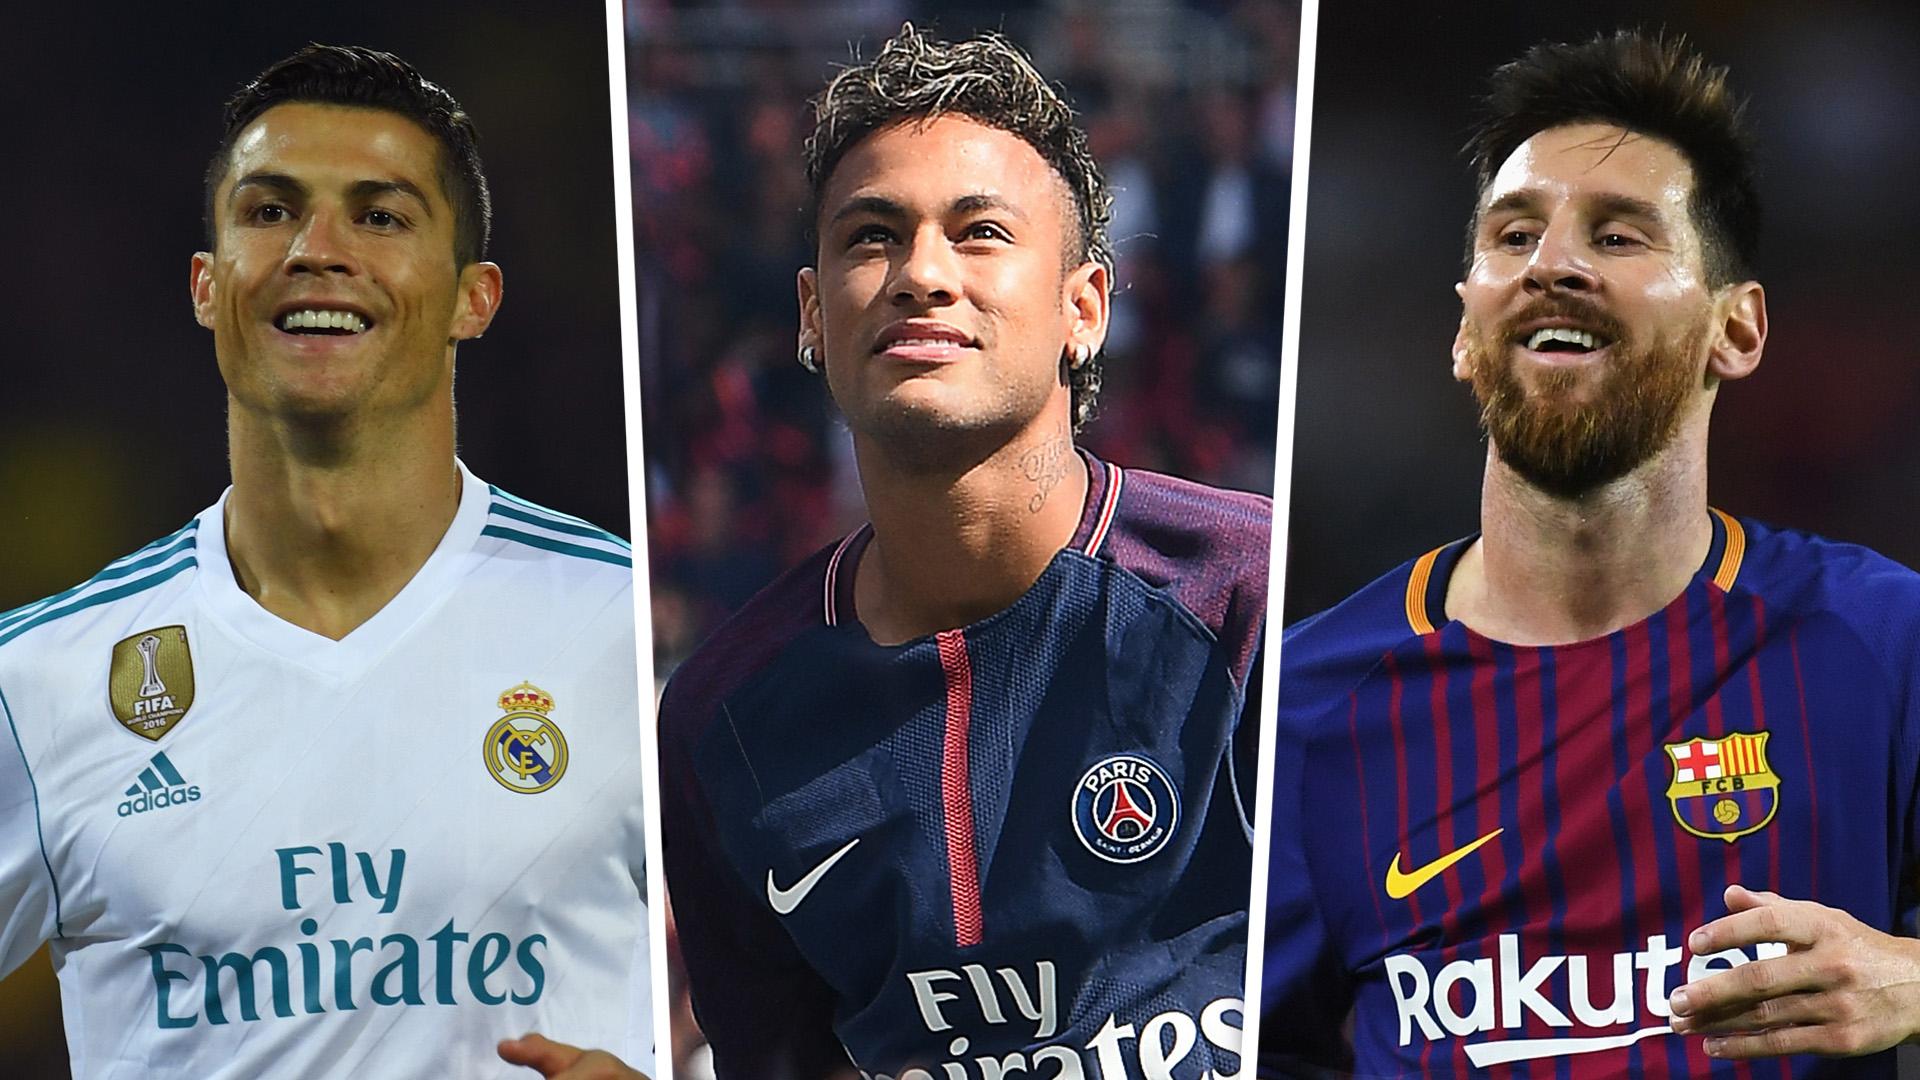 Perbedaan Antara Neymar Dan Ronaldo Menurut Jorge Jesus